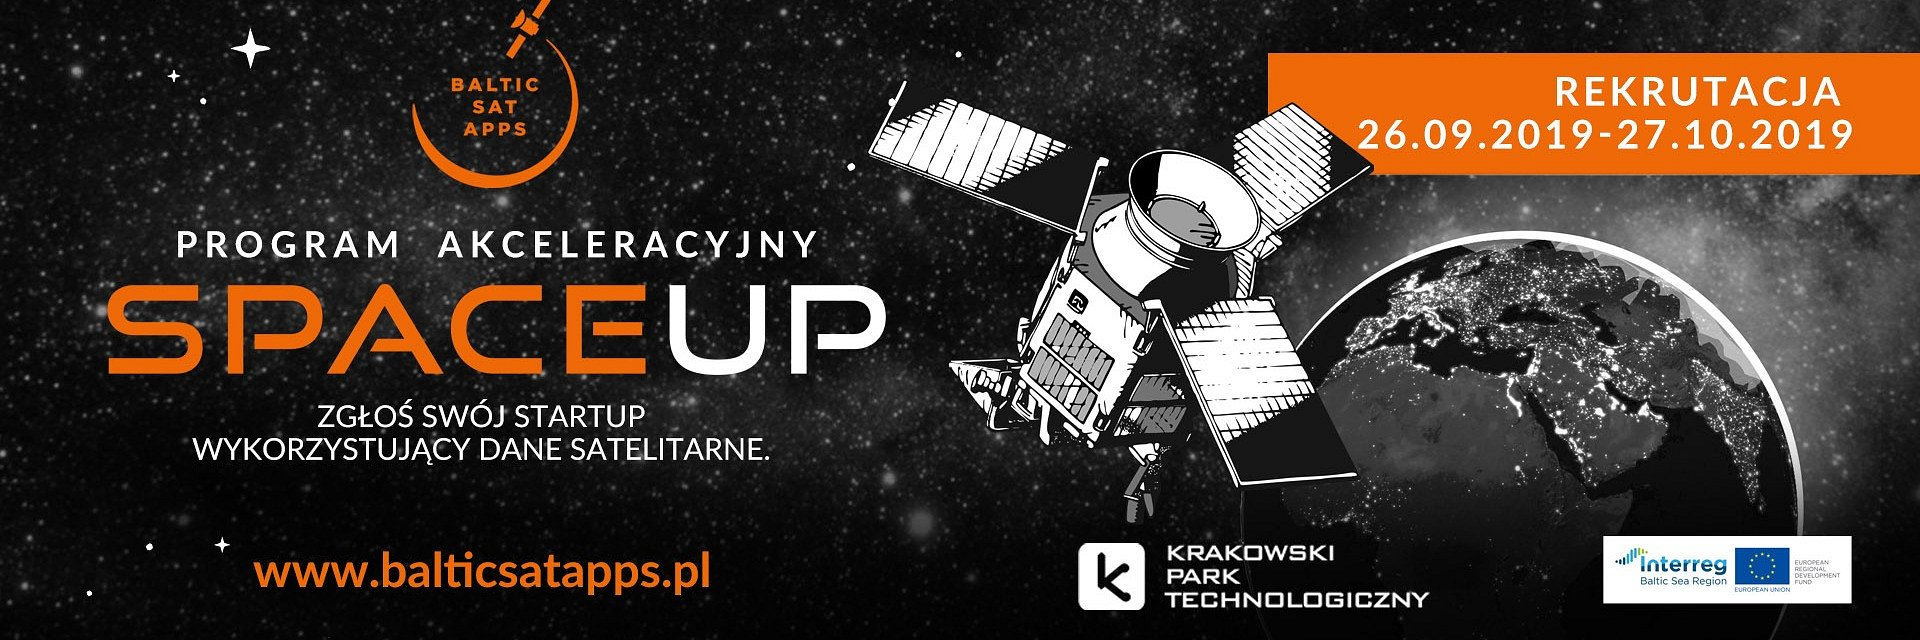 Akcelerator SpaceUp BSA właśnie wystartował!